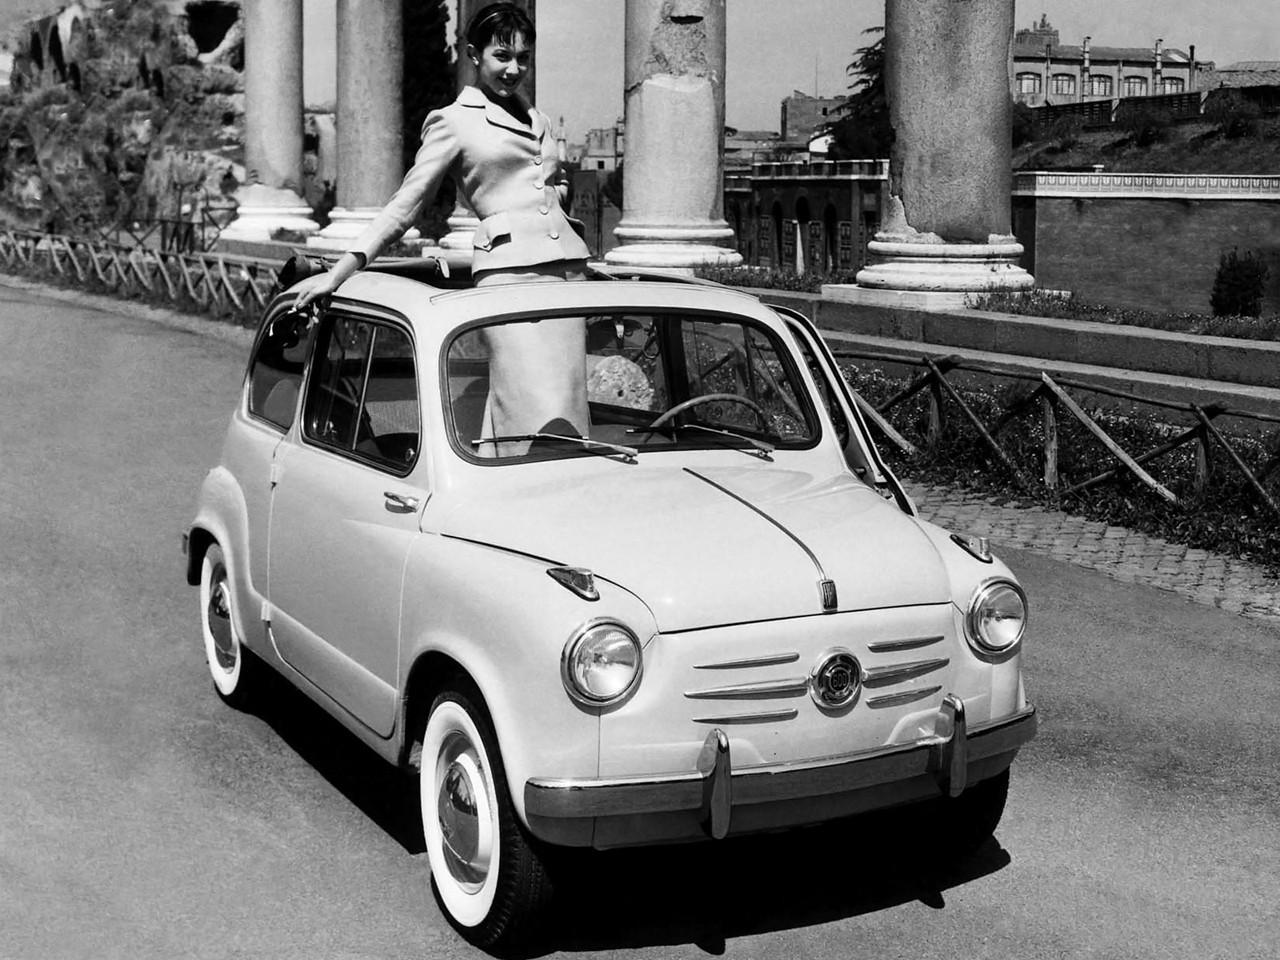 Fiat 600 1955 1956 1957 1958 1959 1960 1961 1962 1963 1964 1965 1966 1967 1968